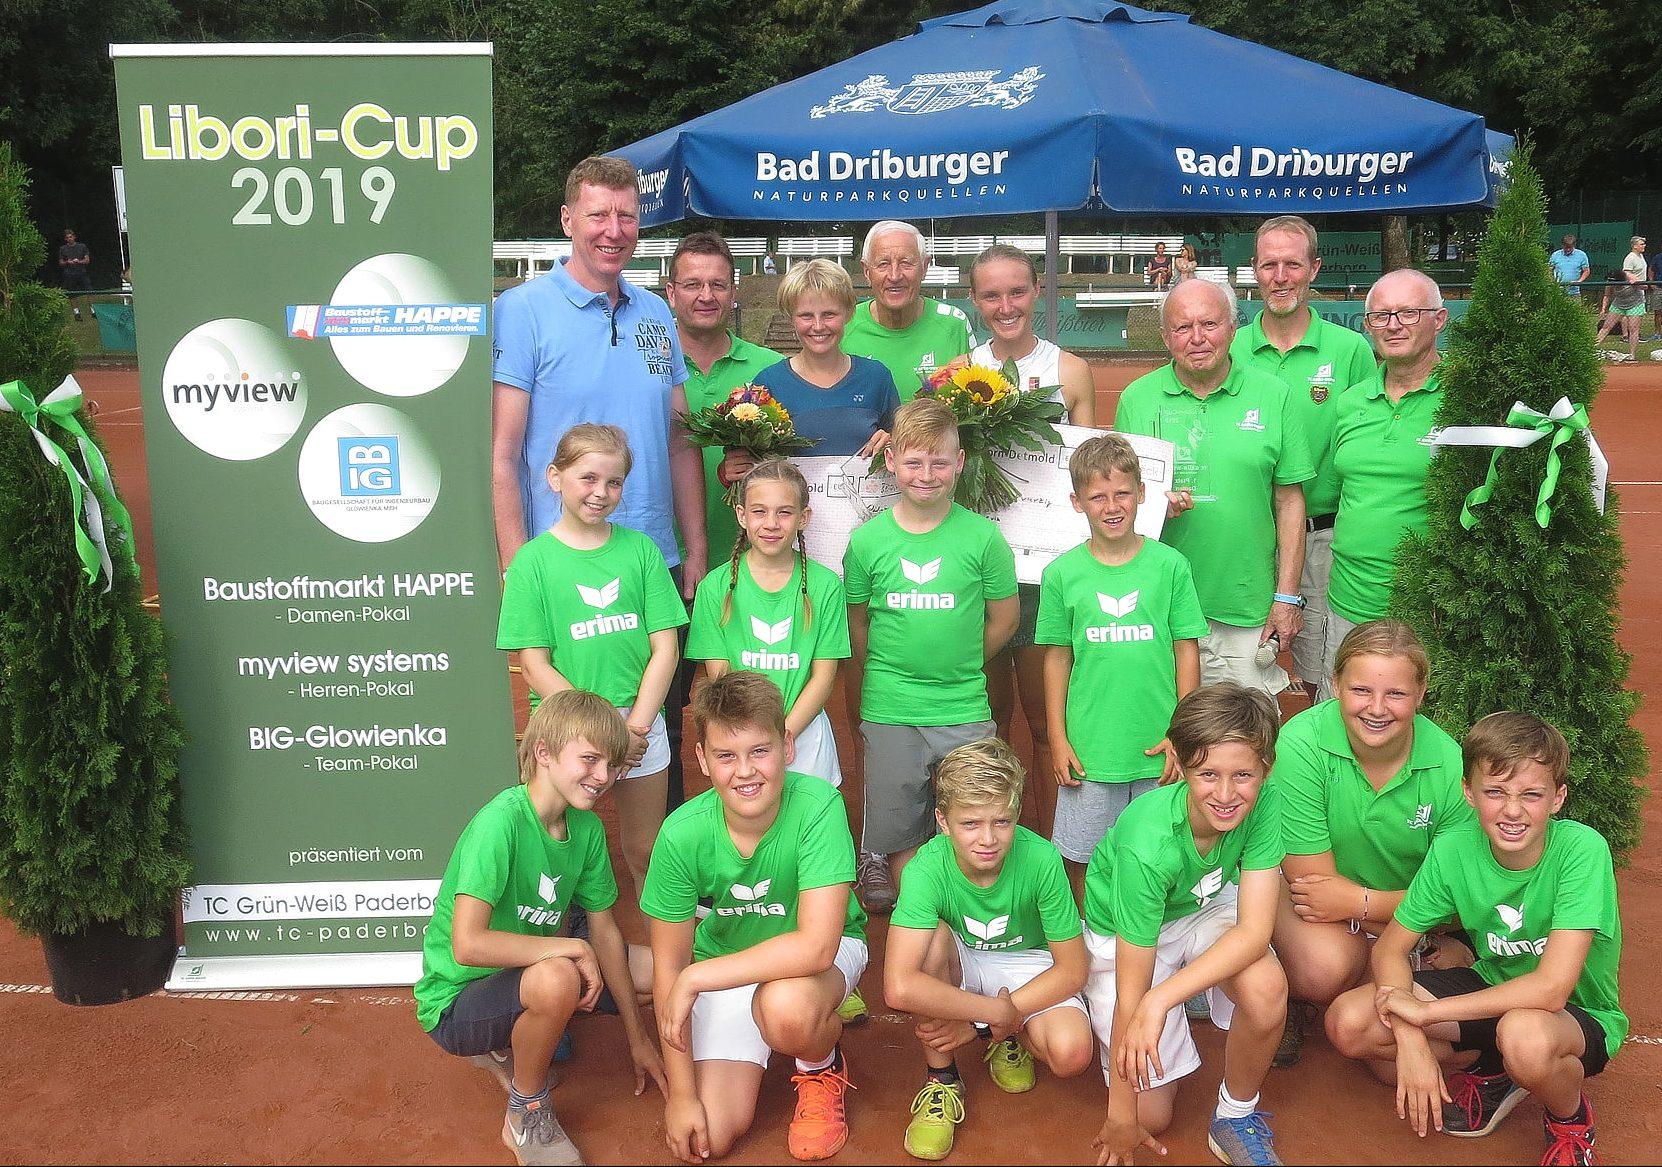 9. LIBORI-CUP 24.-28.07.2019